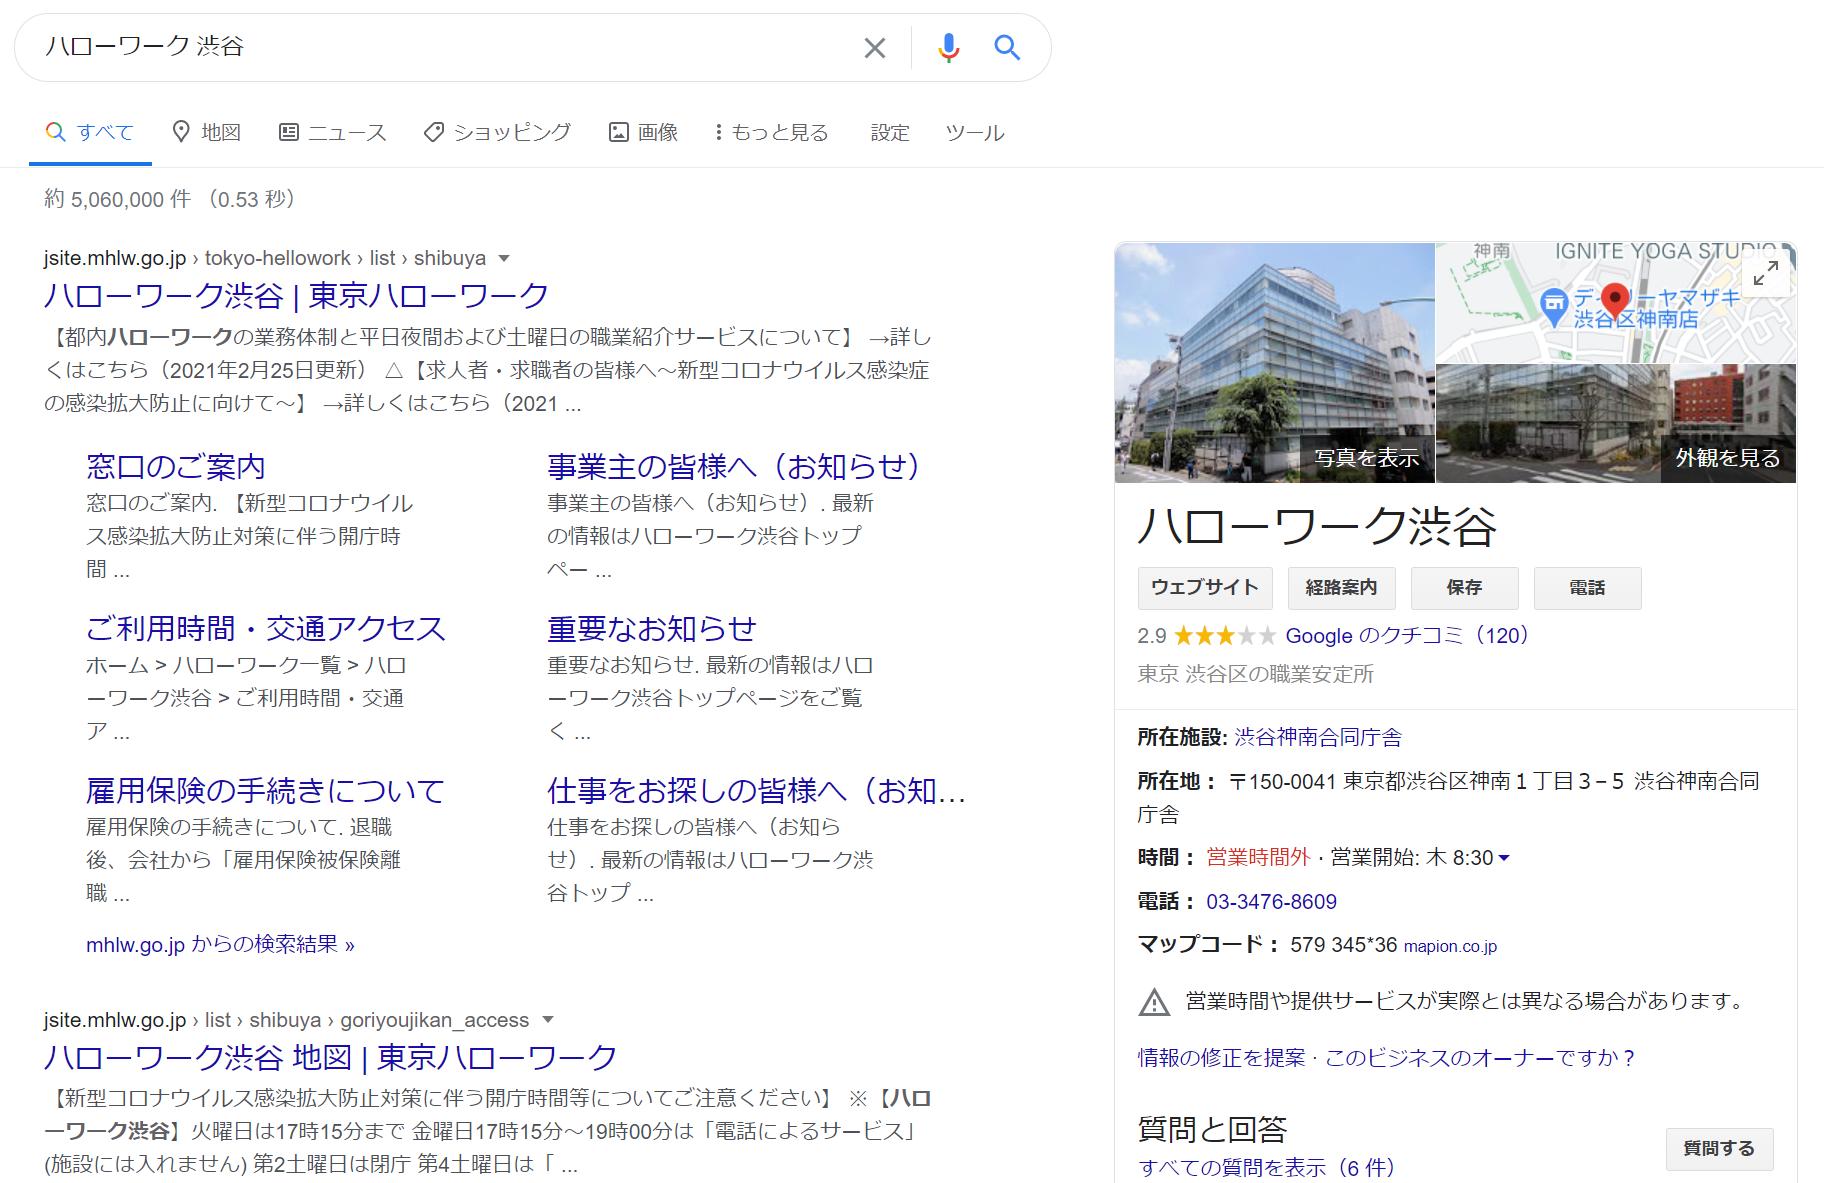 ハローワーク渋谷の検索結果